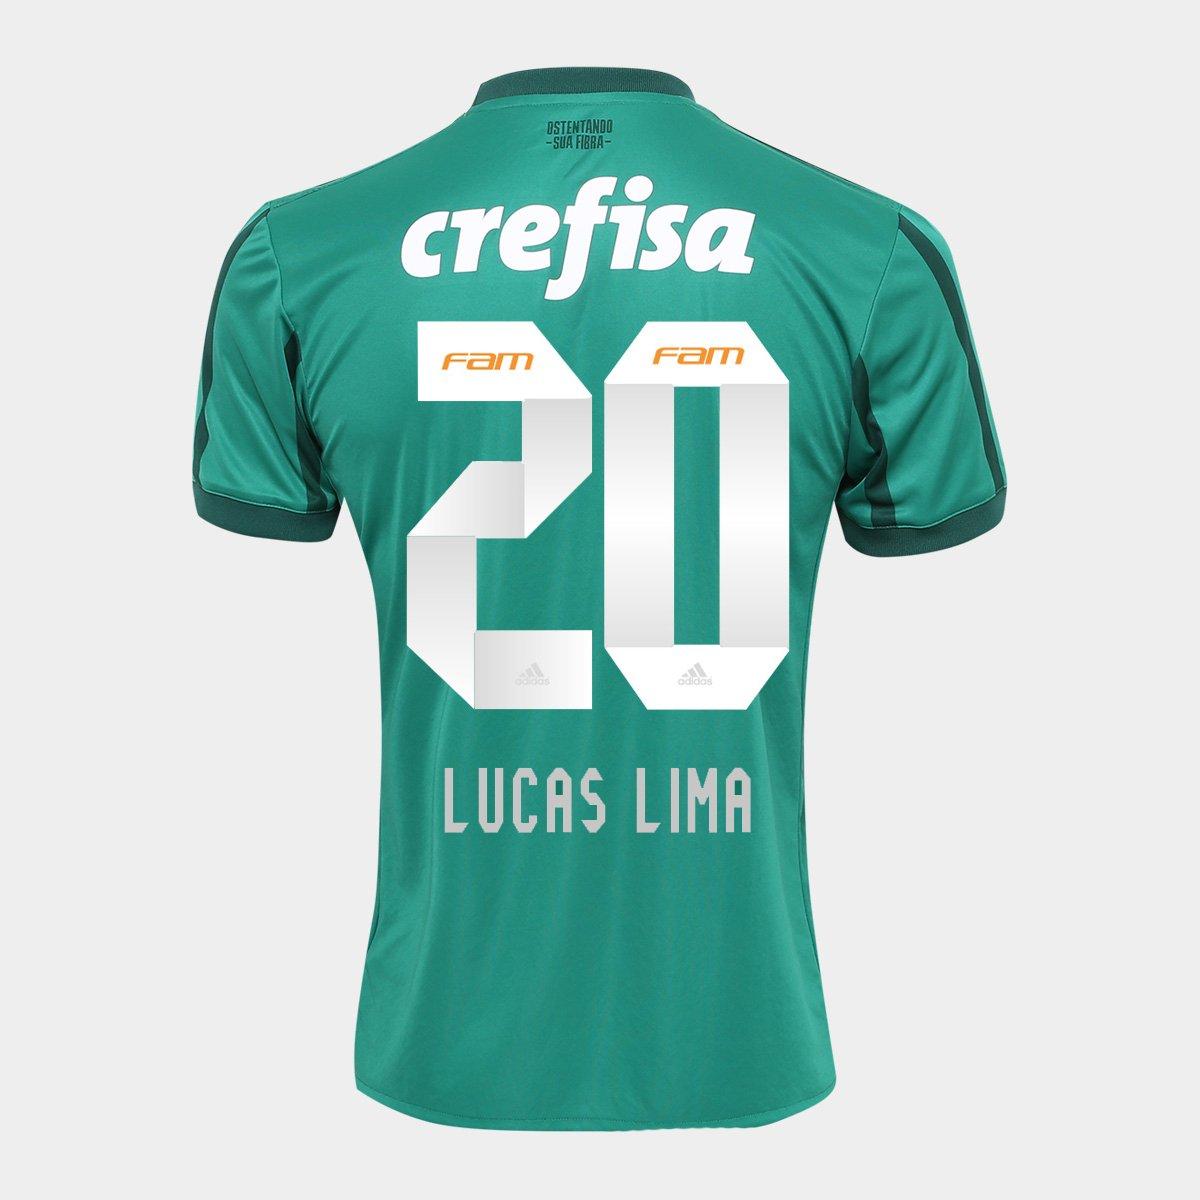 035e791dfa4ec Camisa Palmeiras I 17 18 nº 20 - Lucas Lima Adidas Masculina - Verde -  Compre Agora